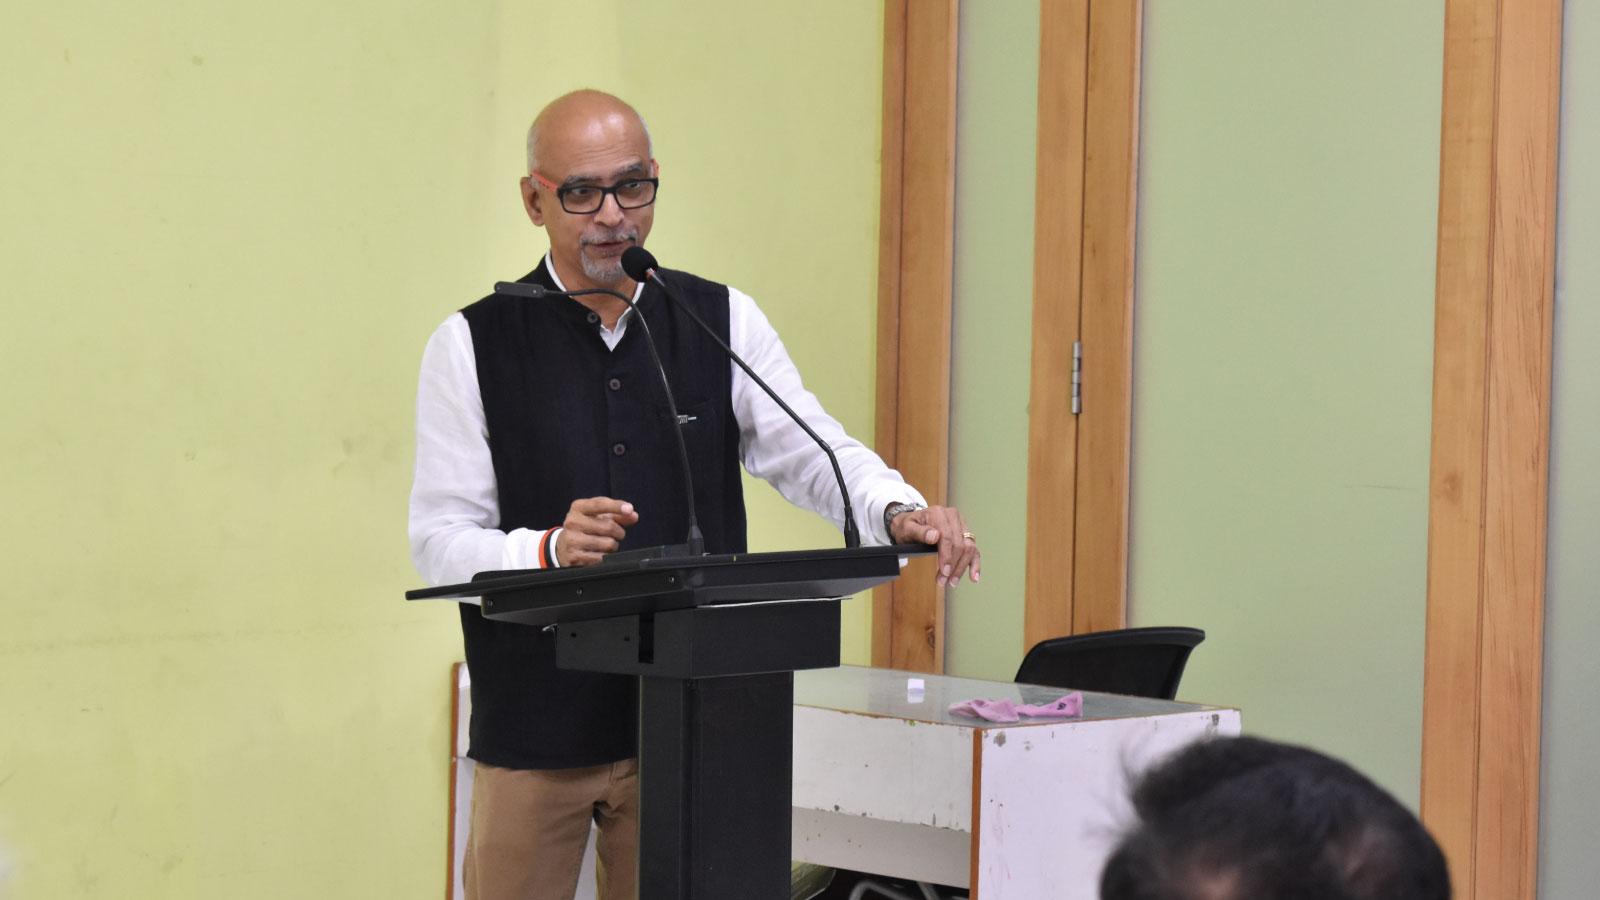 Mr. Srini Srinivasan, President, WDO @ UID Image